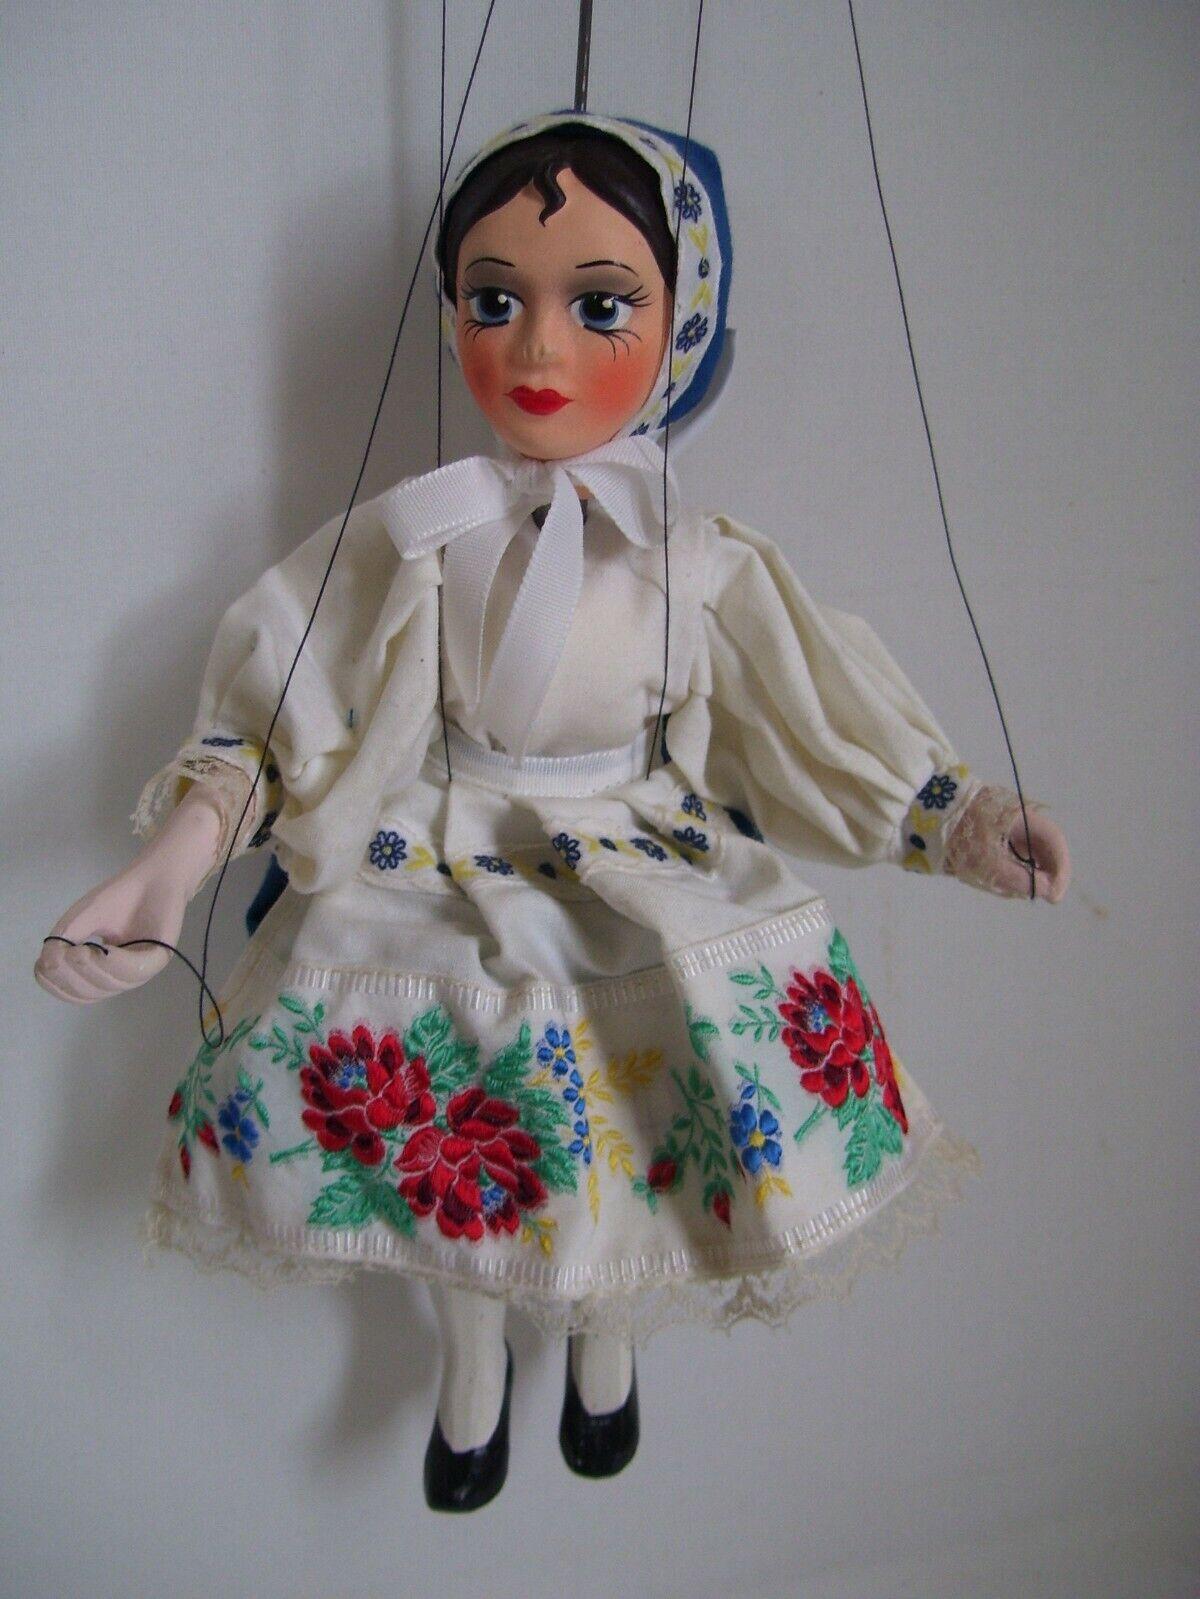 Raro noruego Hembra marioneta de madera y cerámica Juguete Marioneta de Noruega Perfecto Estado